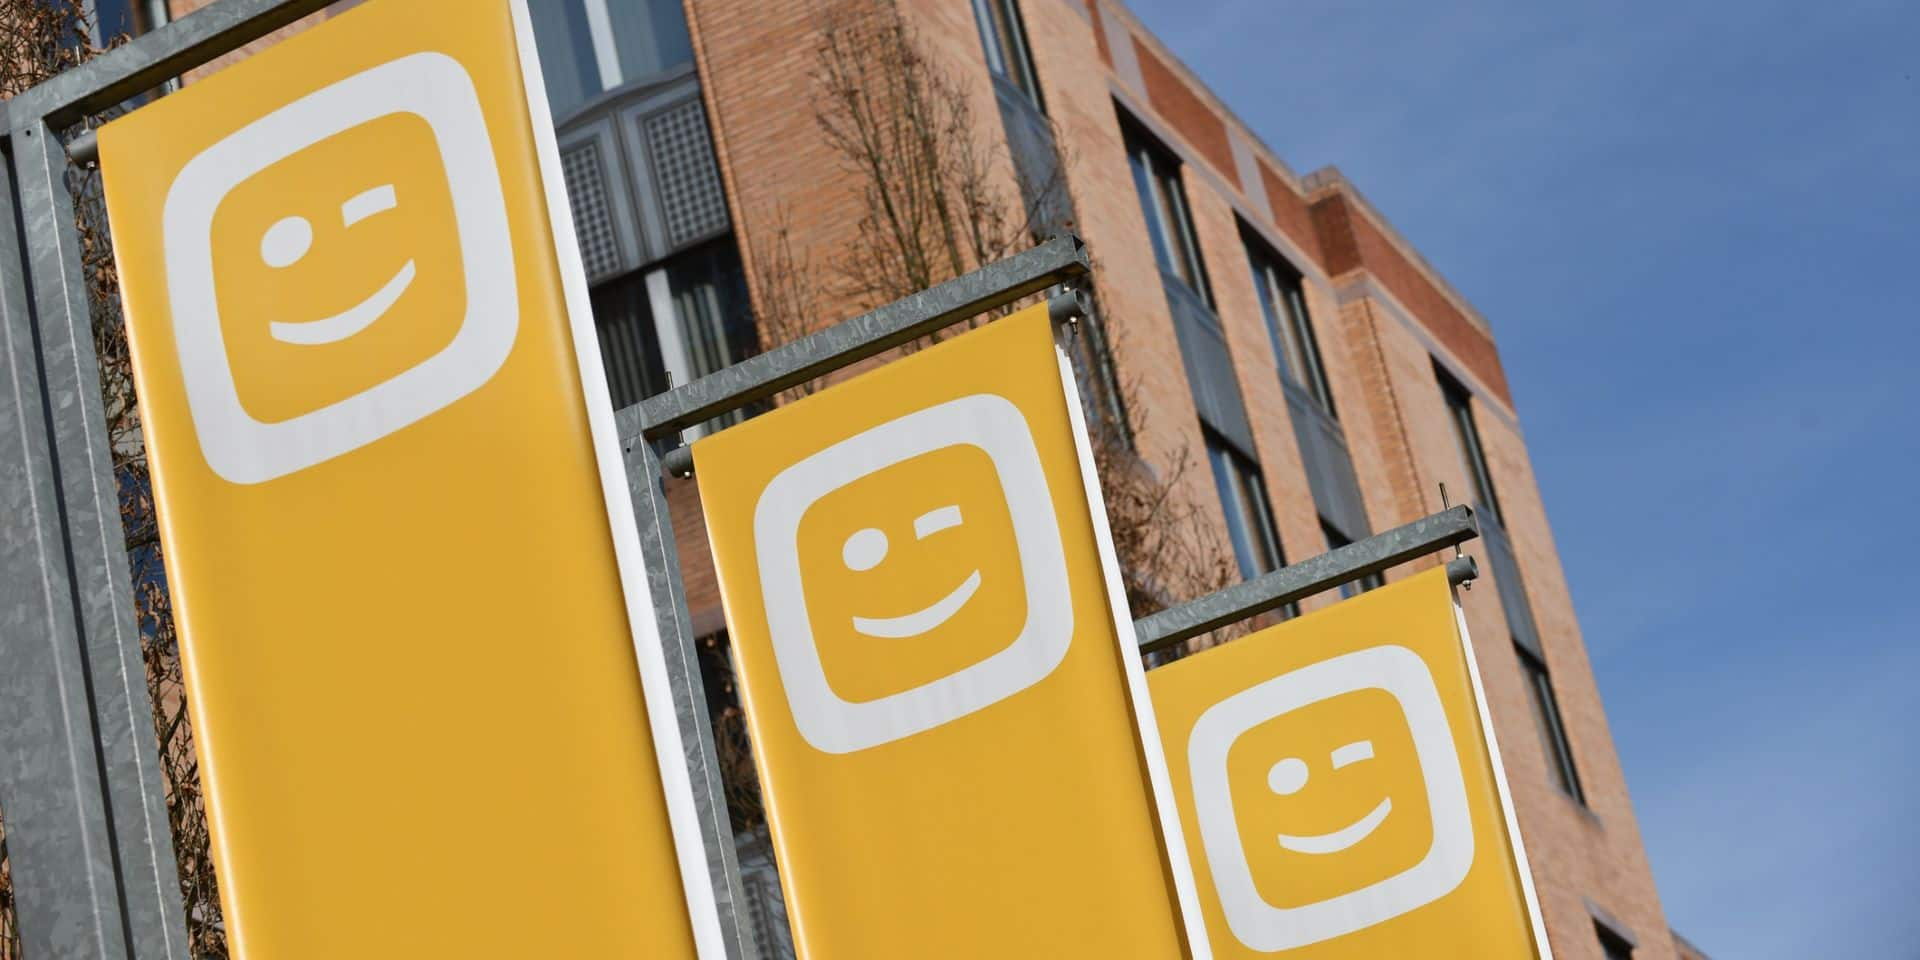 C'est un cap : Telenet va commencer à couper les services qu'il fournit à 180.000 clients